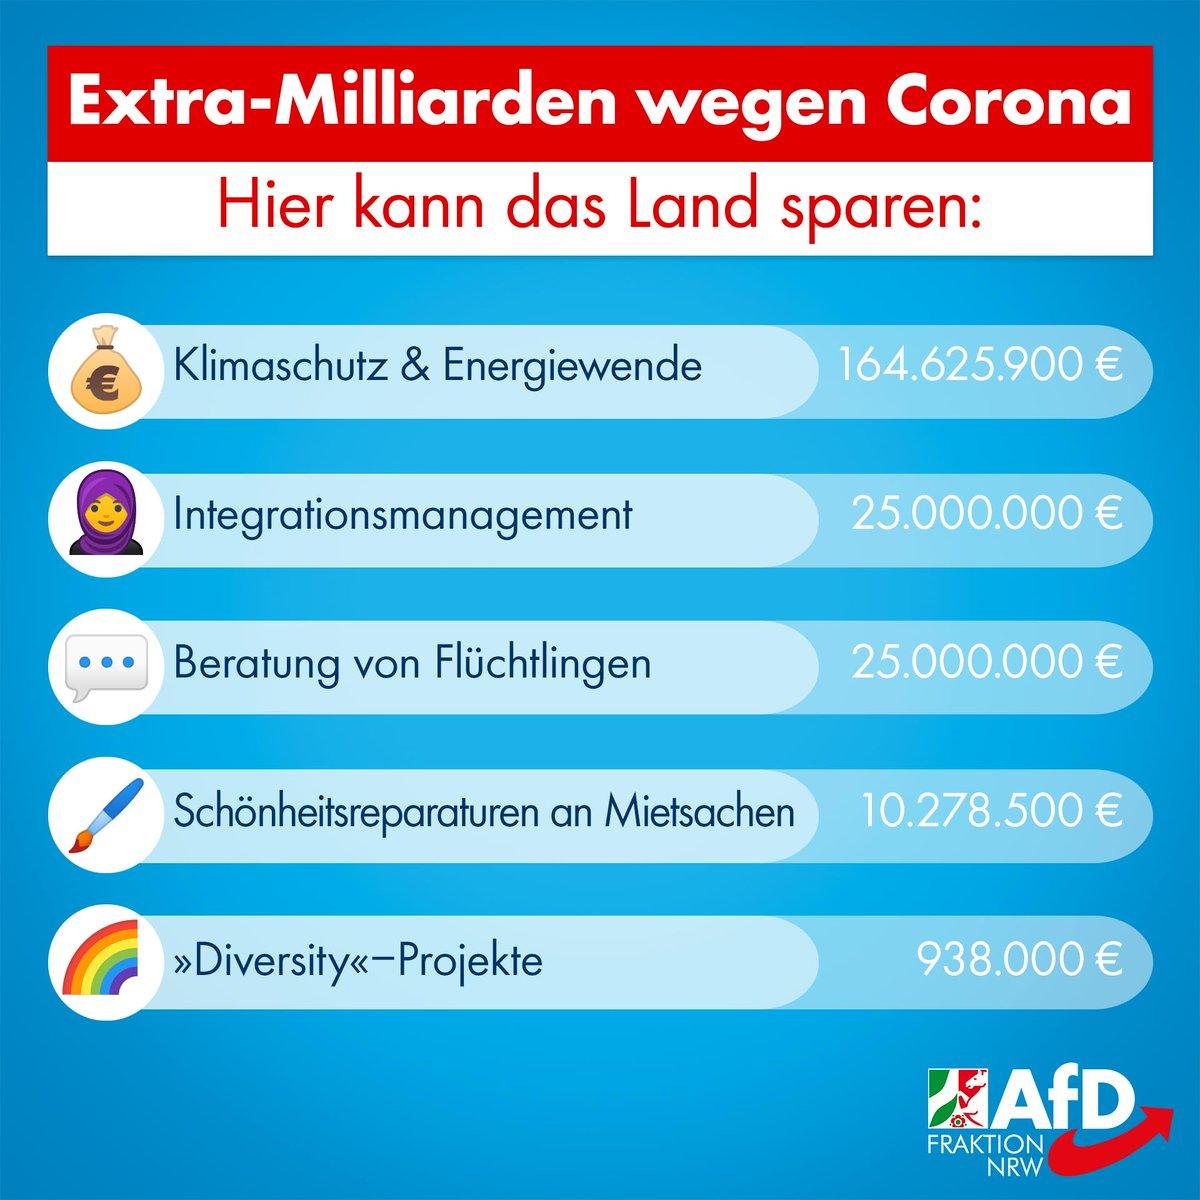 AfD Karlsruhe (@AfD_Karlsruhe) | Twitter